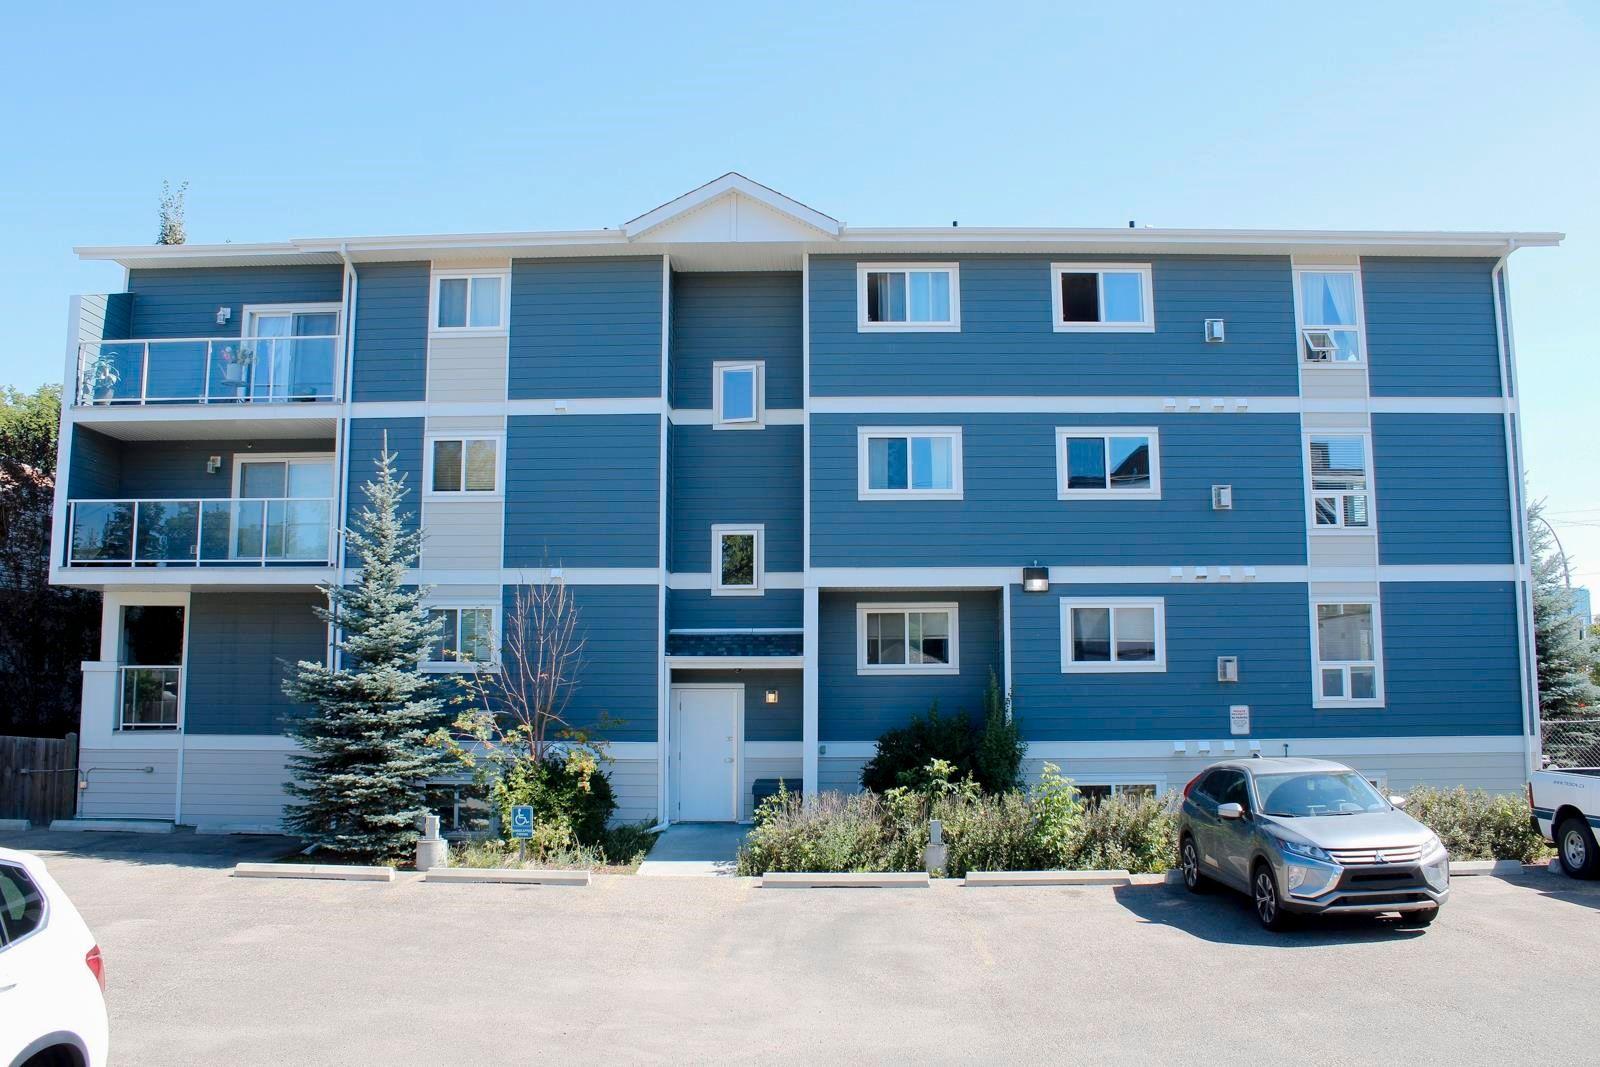 Main Photo: 402 10710 116 Street in Edmonton: Zone 08 Condo for sale : MLS®# E4259616